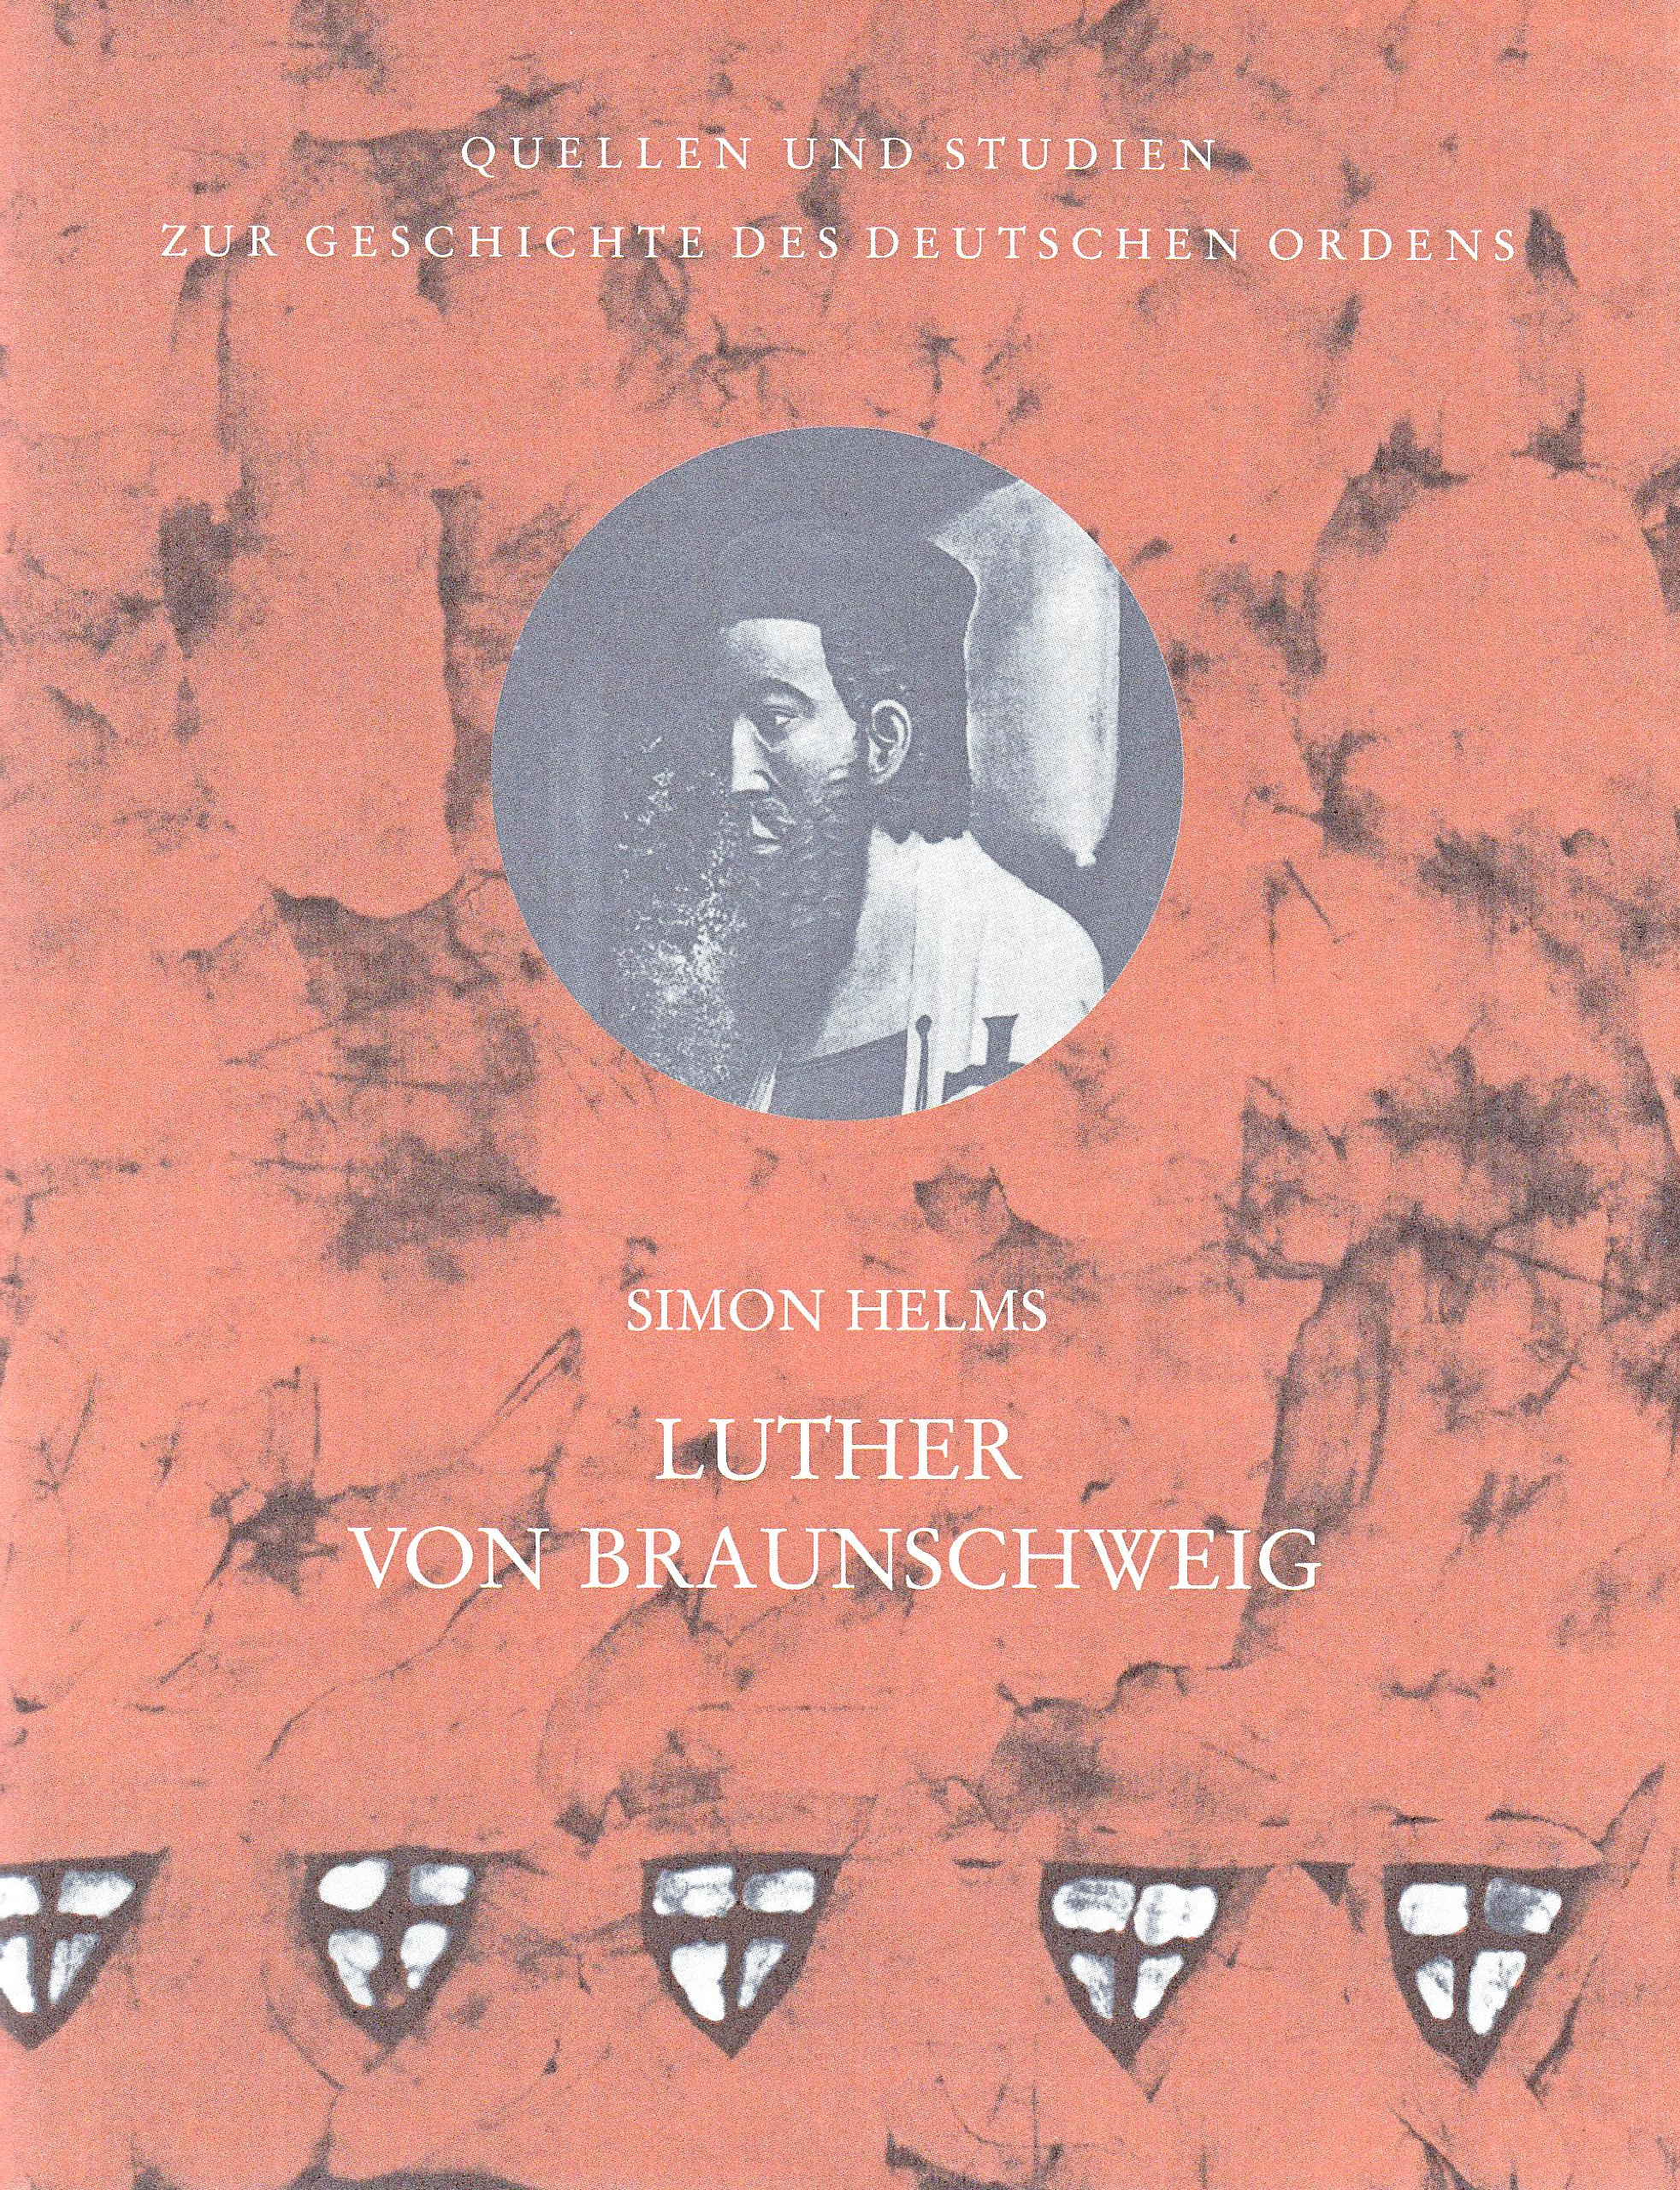 Luther von Braunschweig. Der Deutsche Orden in Preußen zwischen Krise und Stabilisierung und das Wirken eines Fürsten in der ersten Hälfte des 14. Jahrhunderts